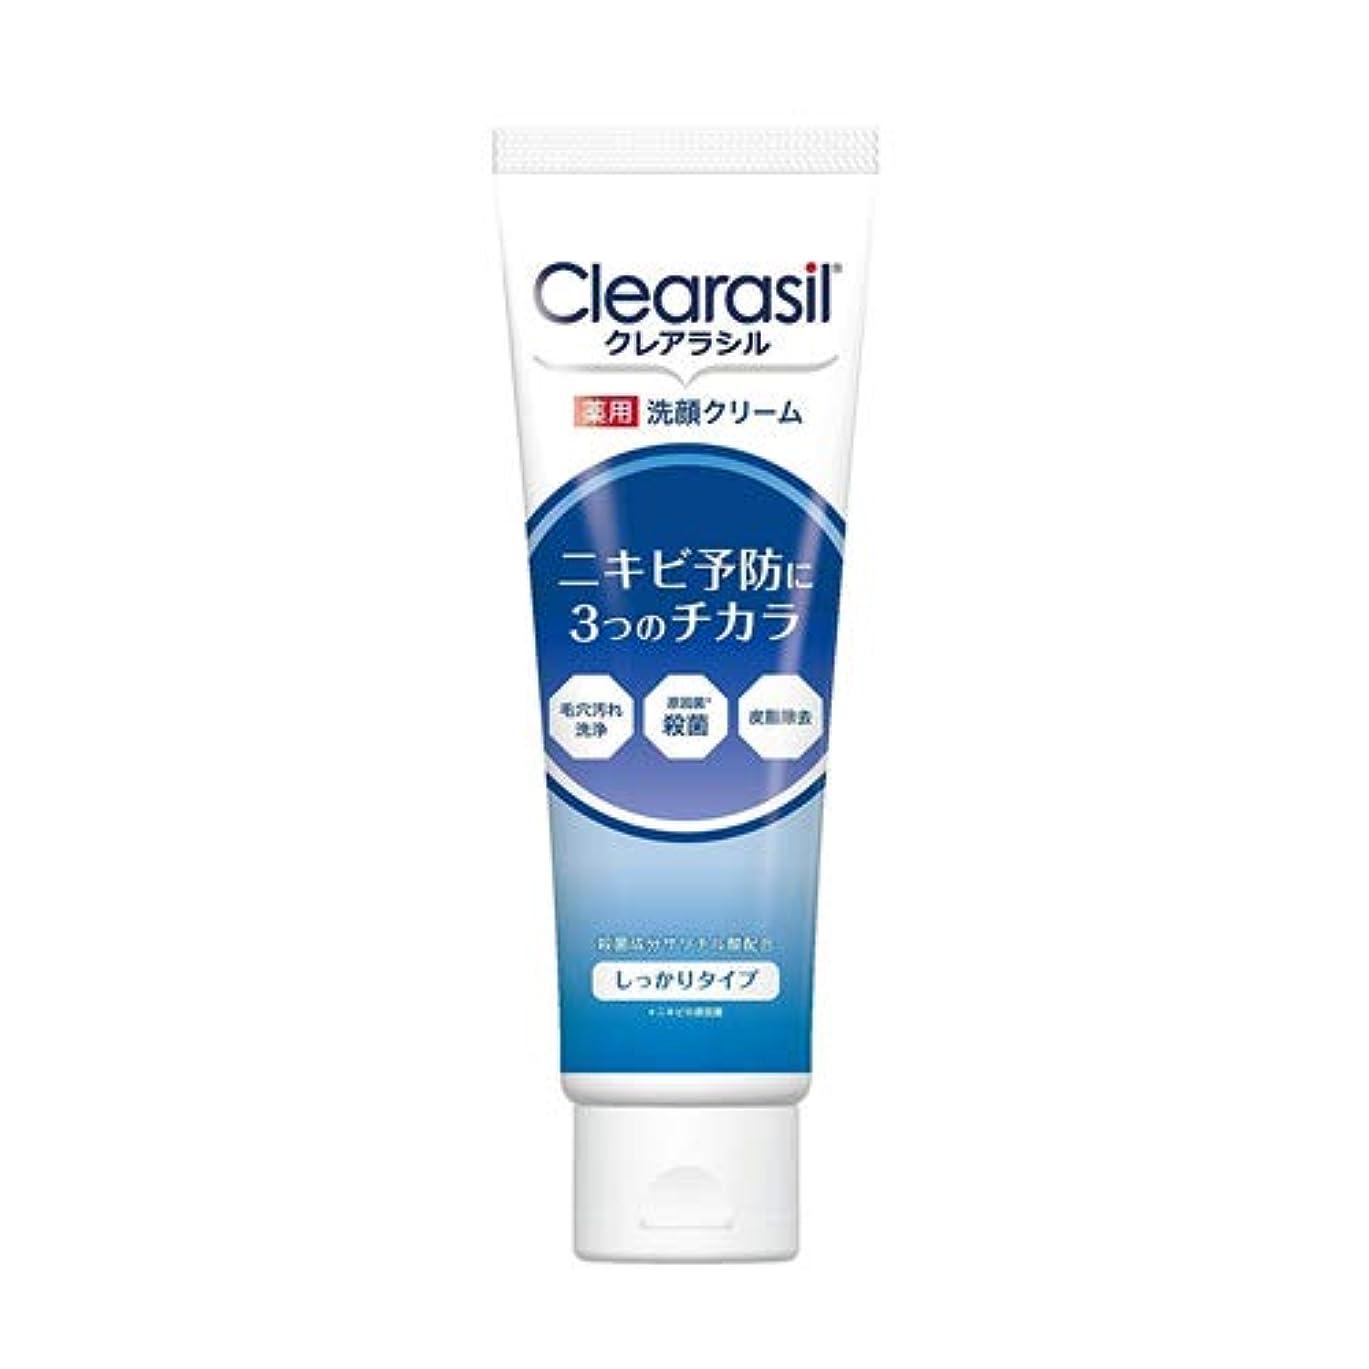 杖連鎖防水クレアラシル 薬用 洗顔クリーム しっかりタイプ 120g 【医薬部外品】